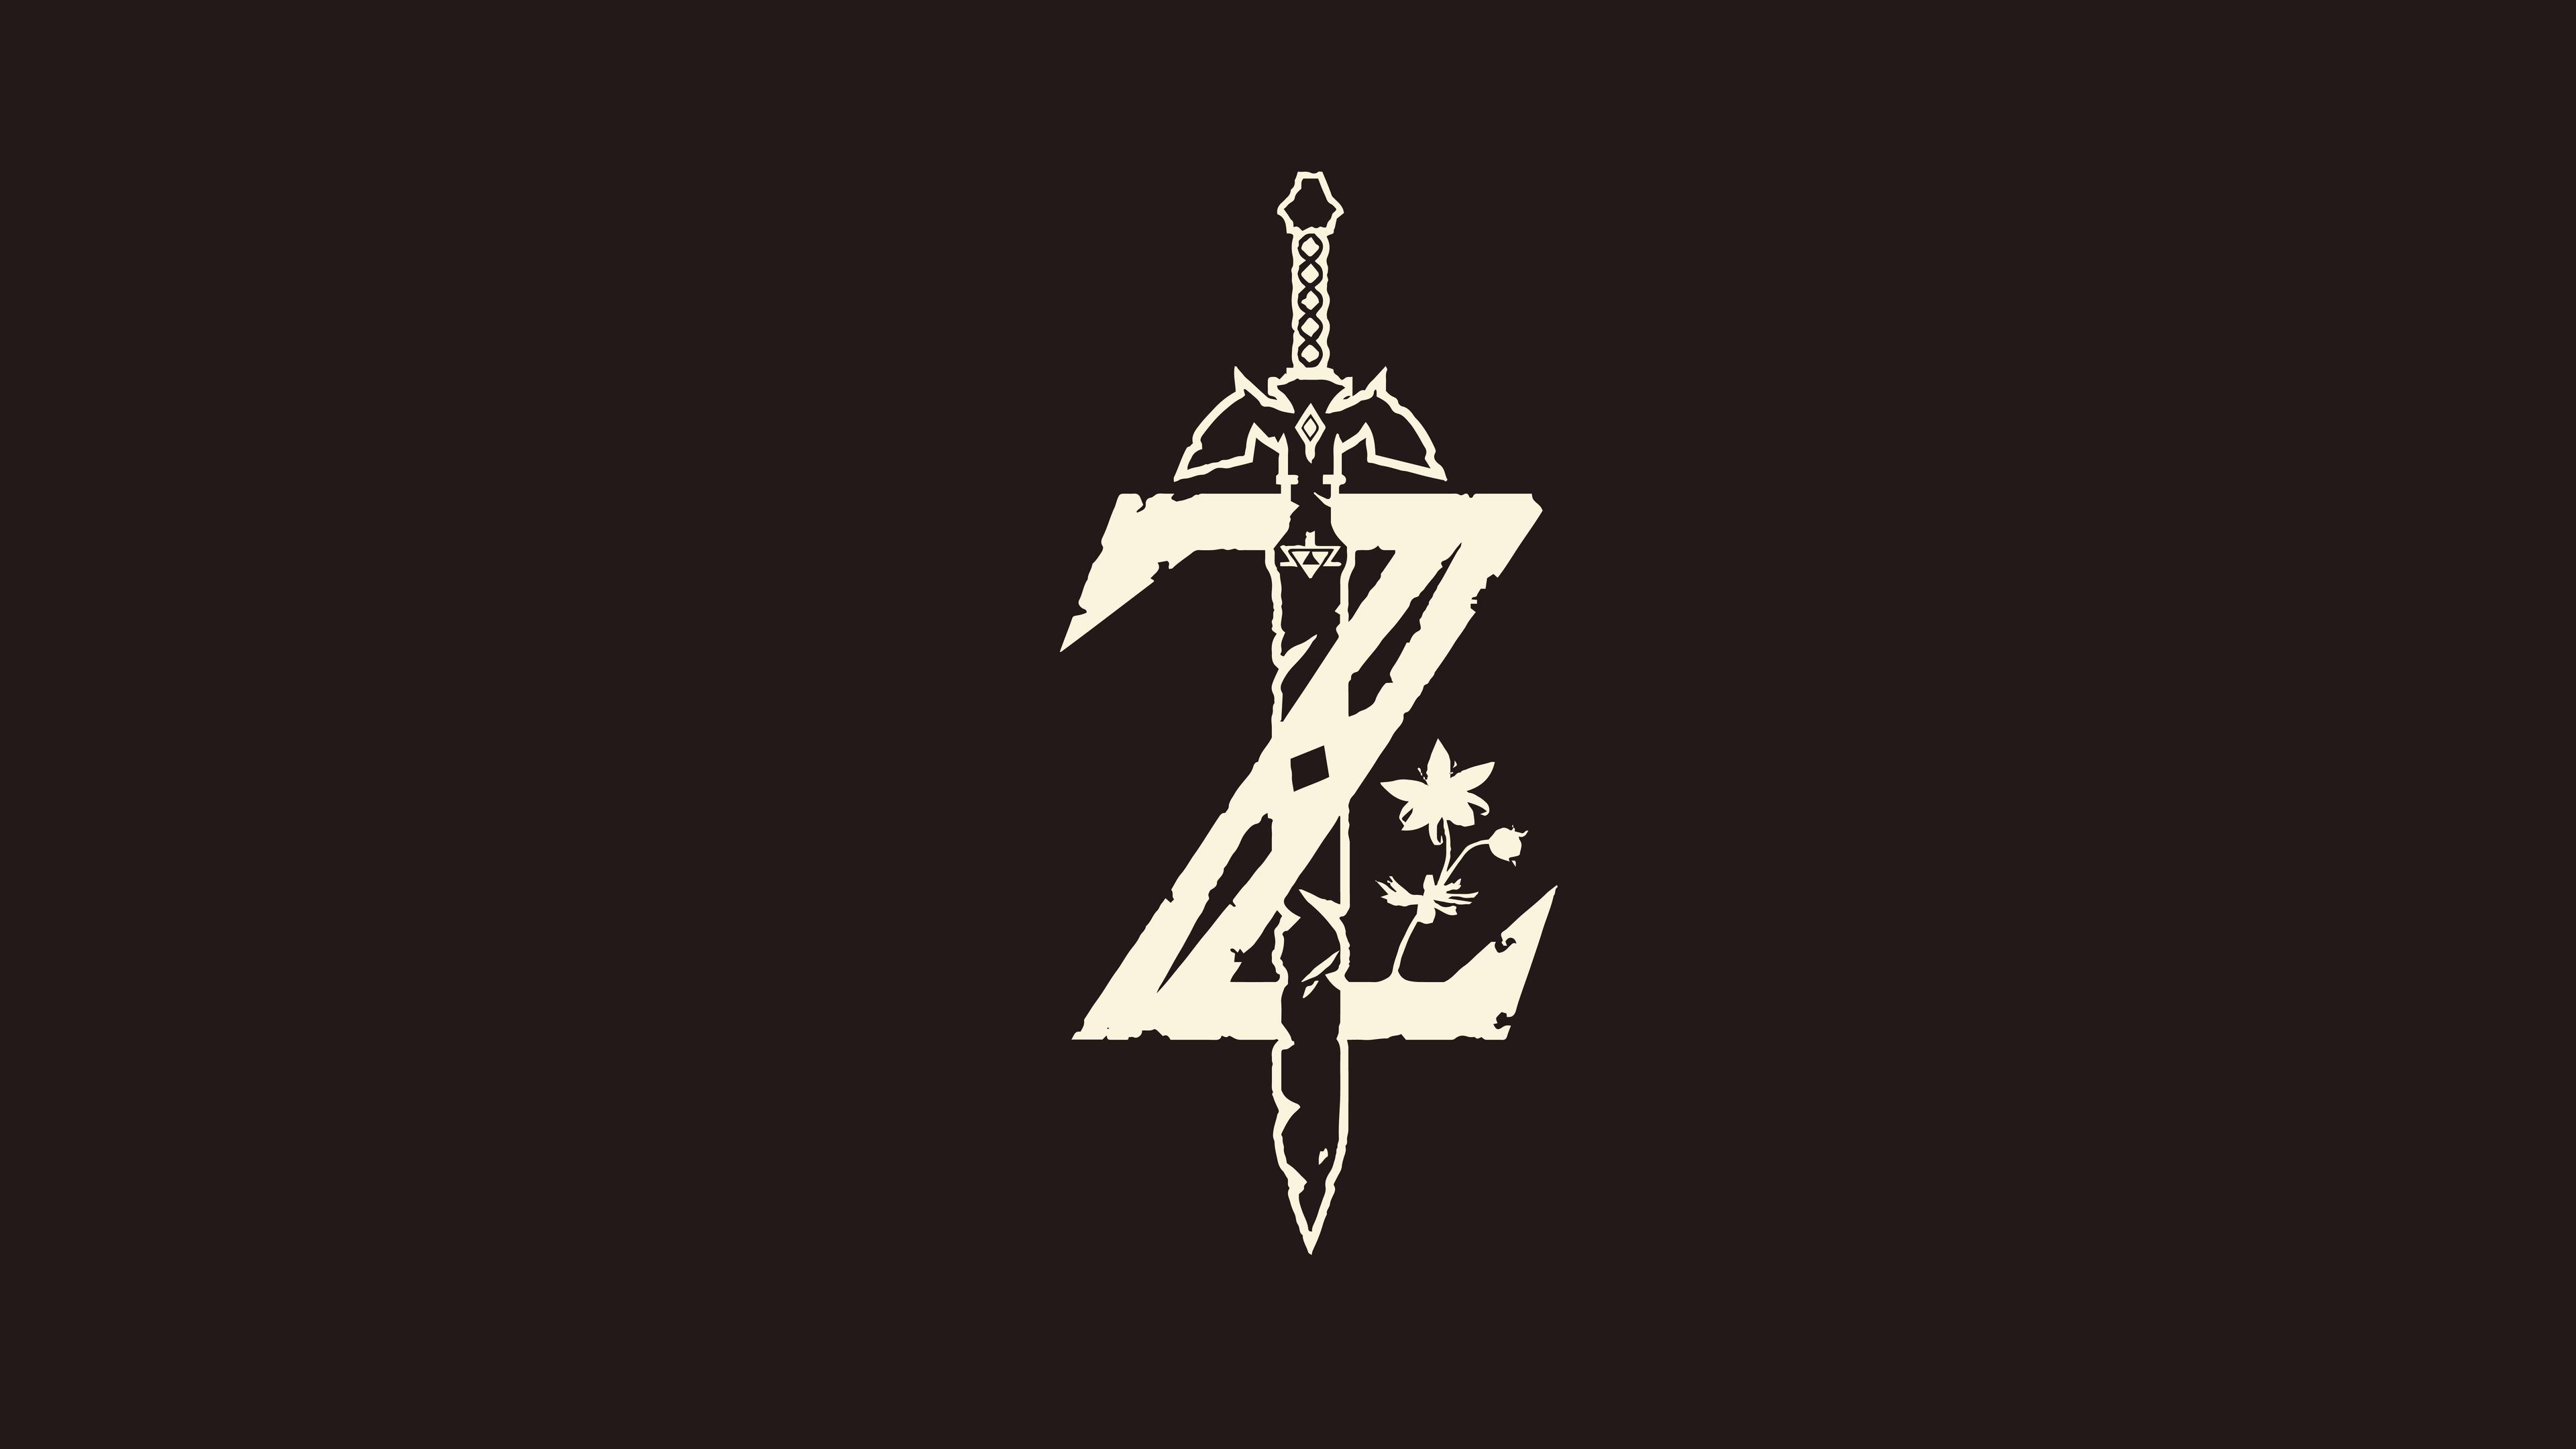 Download The Legend Of Zelda Minimalist HD 4k Wallpapers .